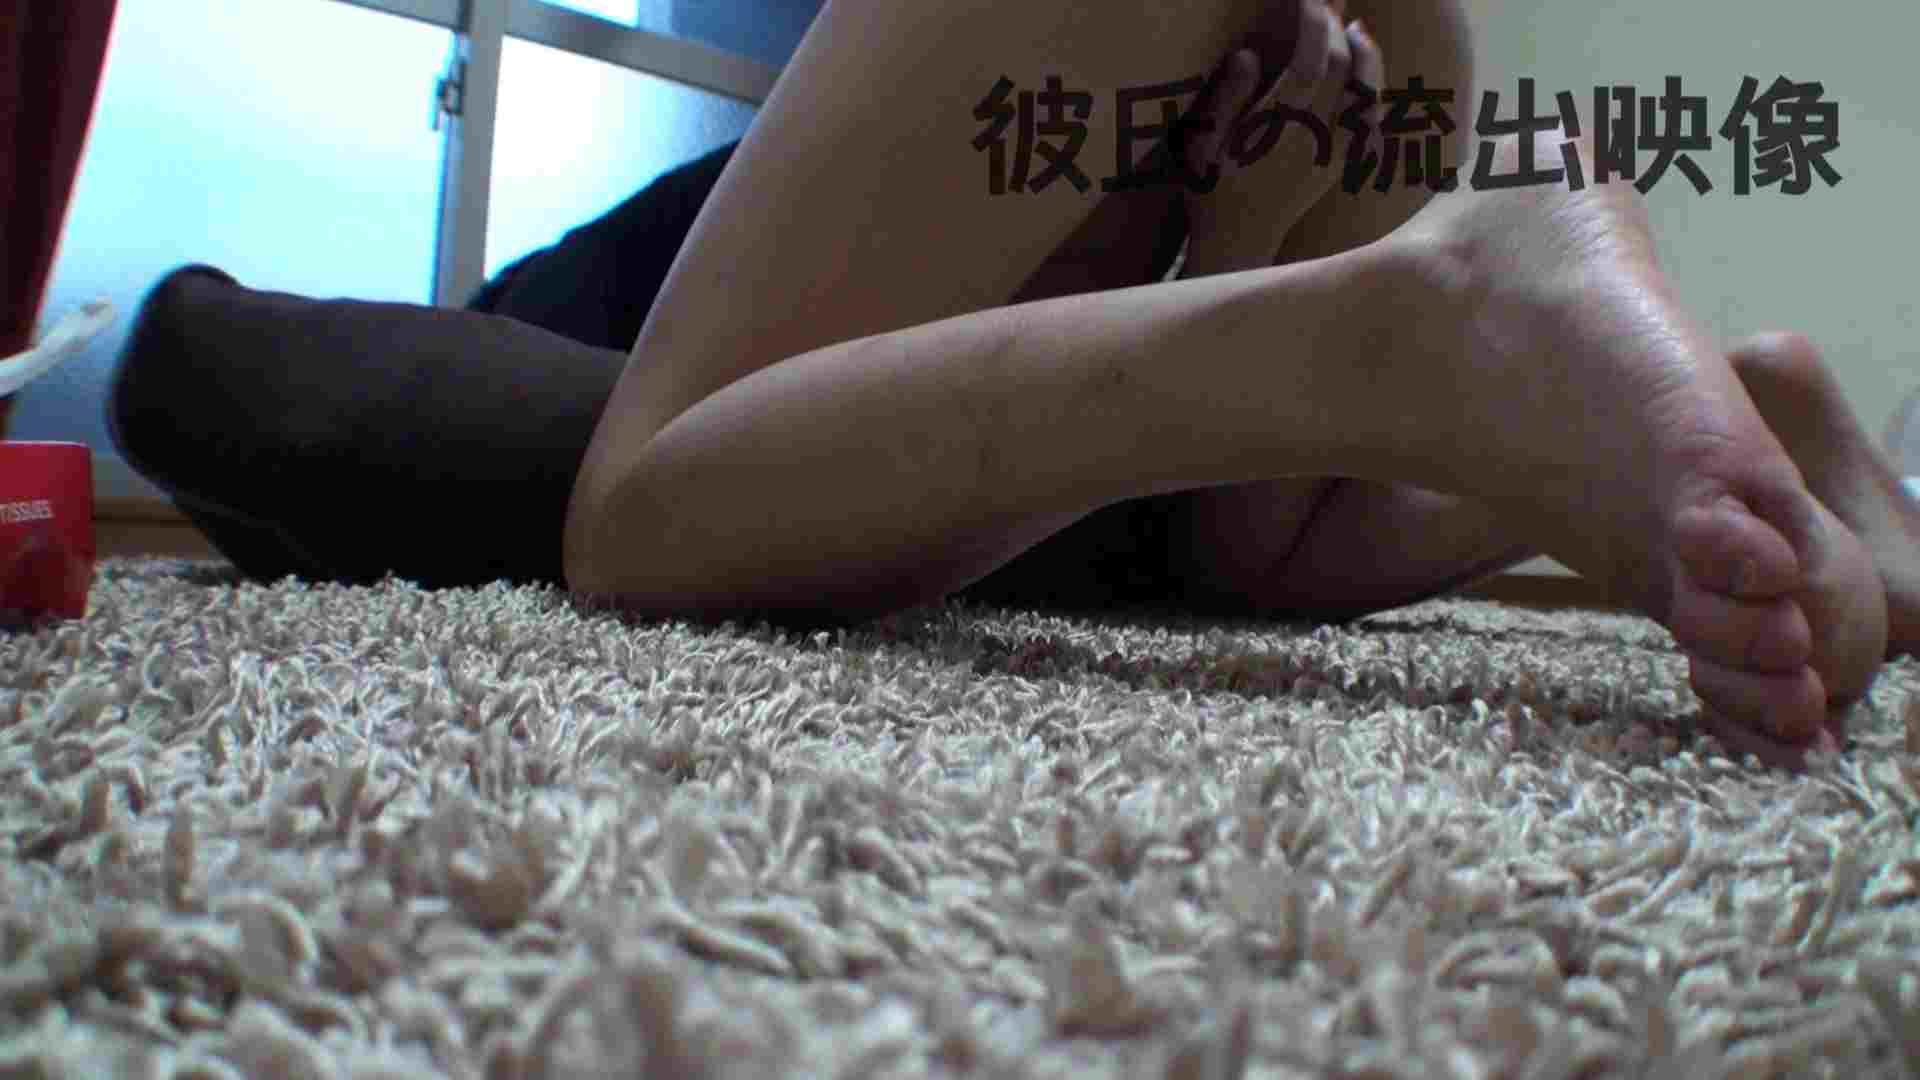 彼氏が流出 パイパン素人嬢のハメ撮り映像04 一般投稿  82連発 67